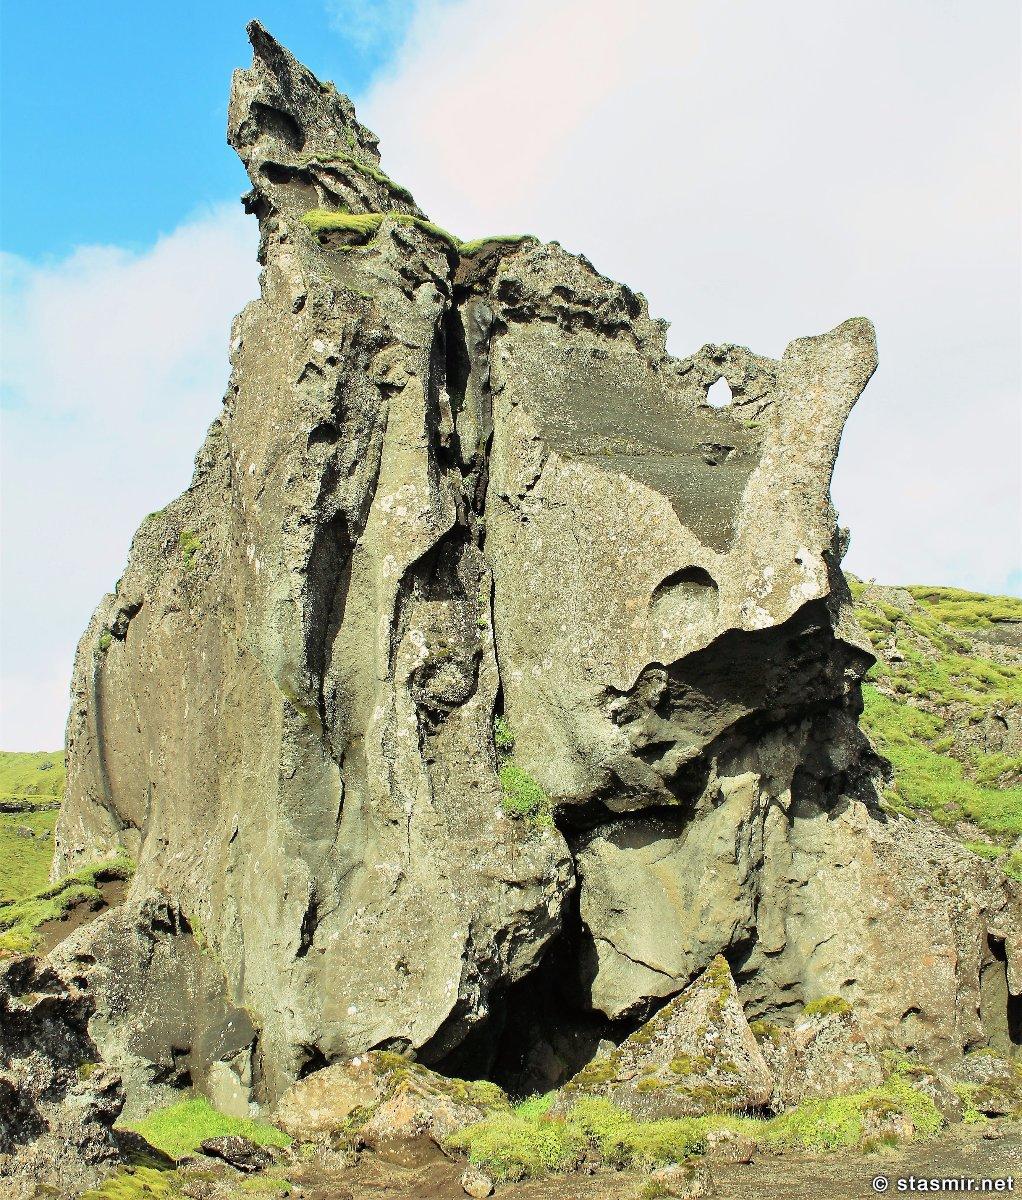 странные скальные образованя в Такгиле, Þakgíl, Тагил, фото Стасмир, photo Stasmir